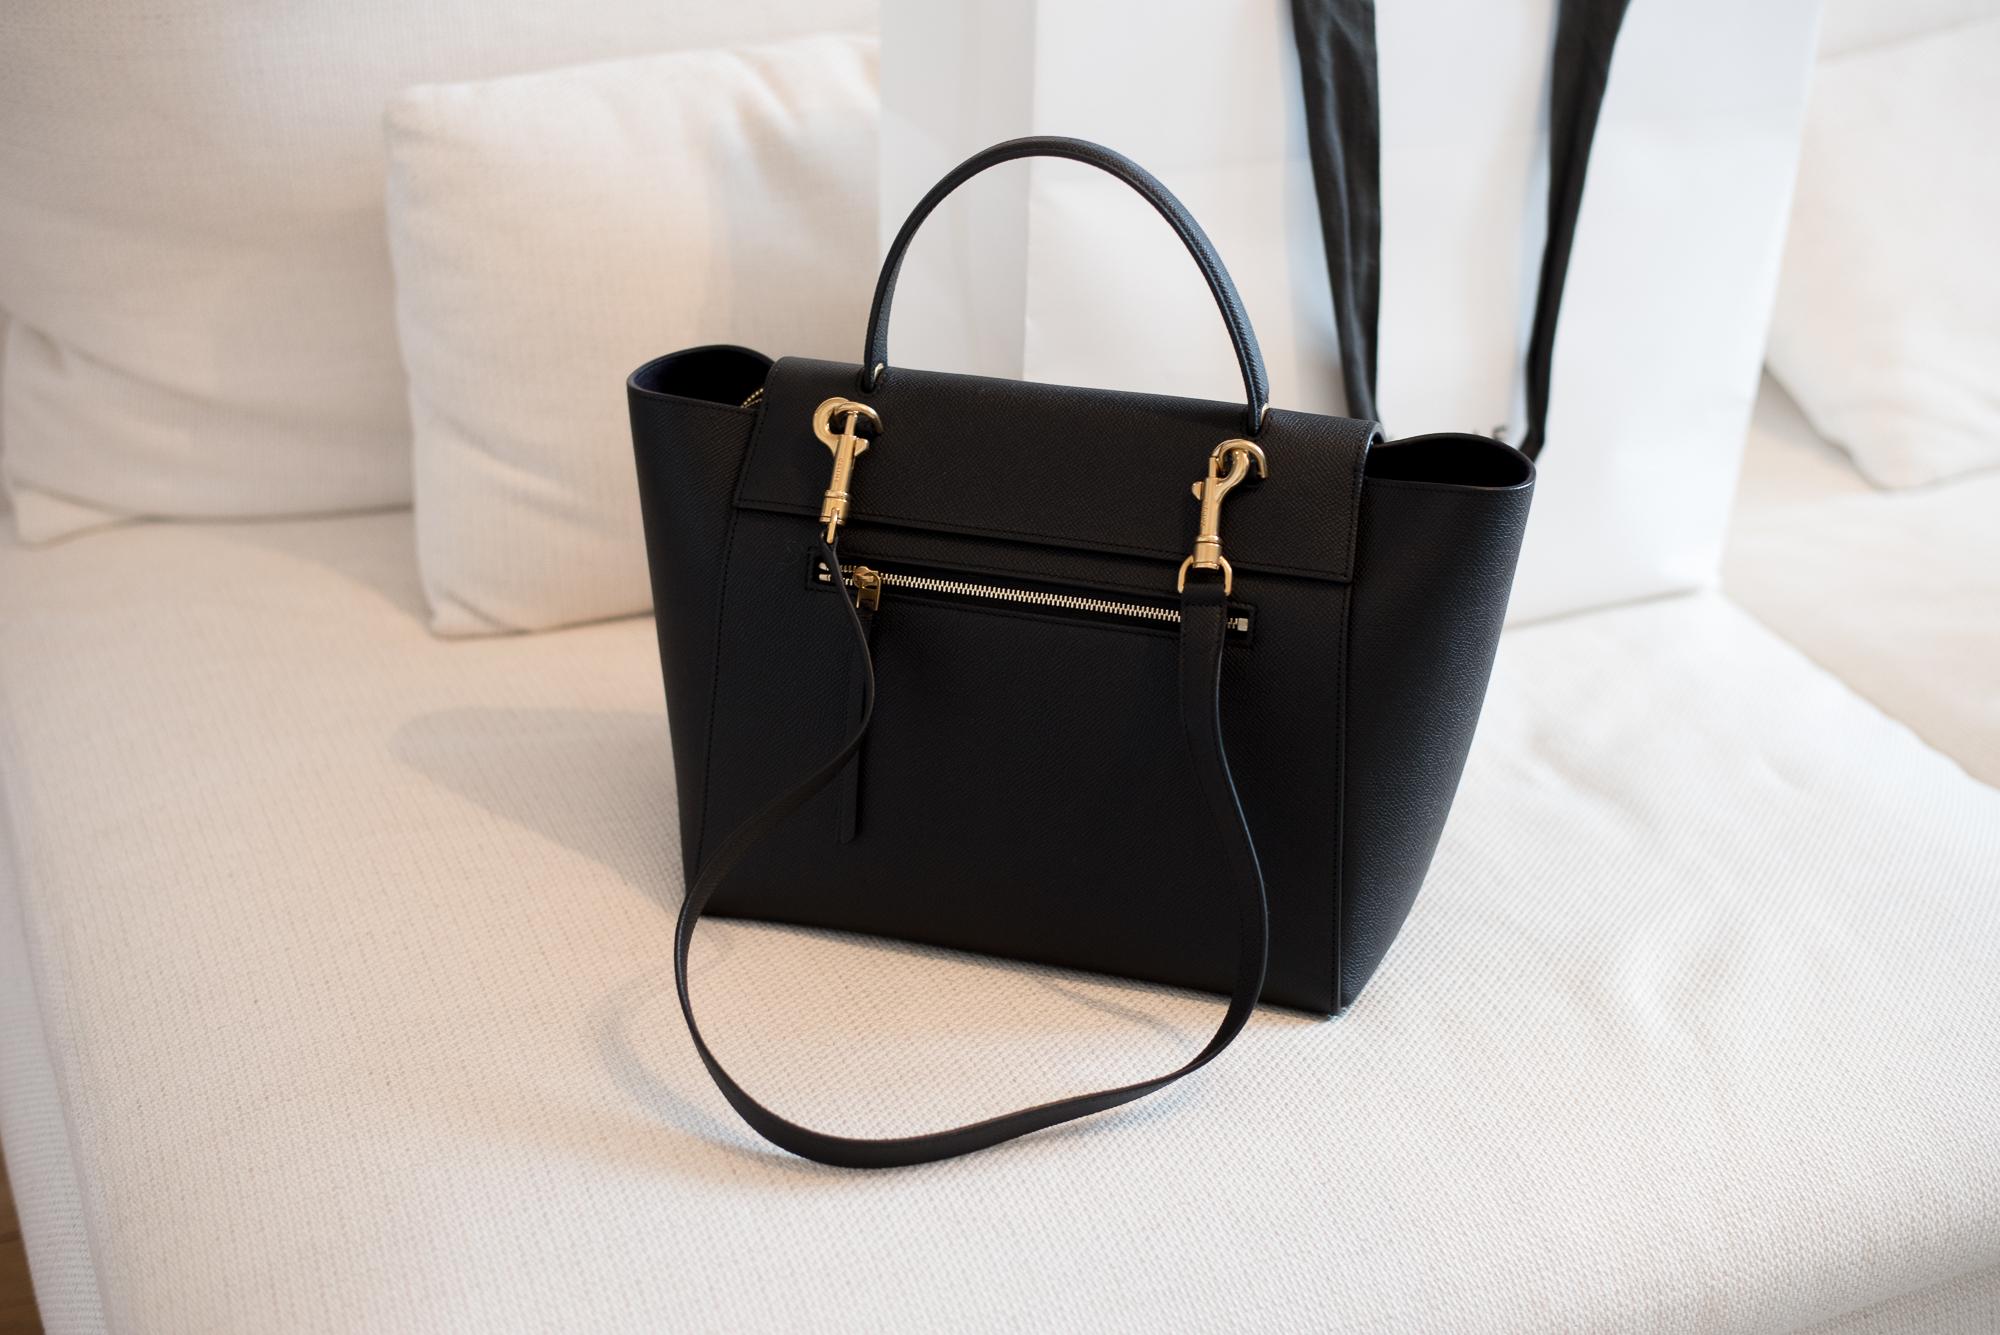 celine-belt-bag-review-3